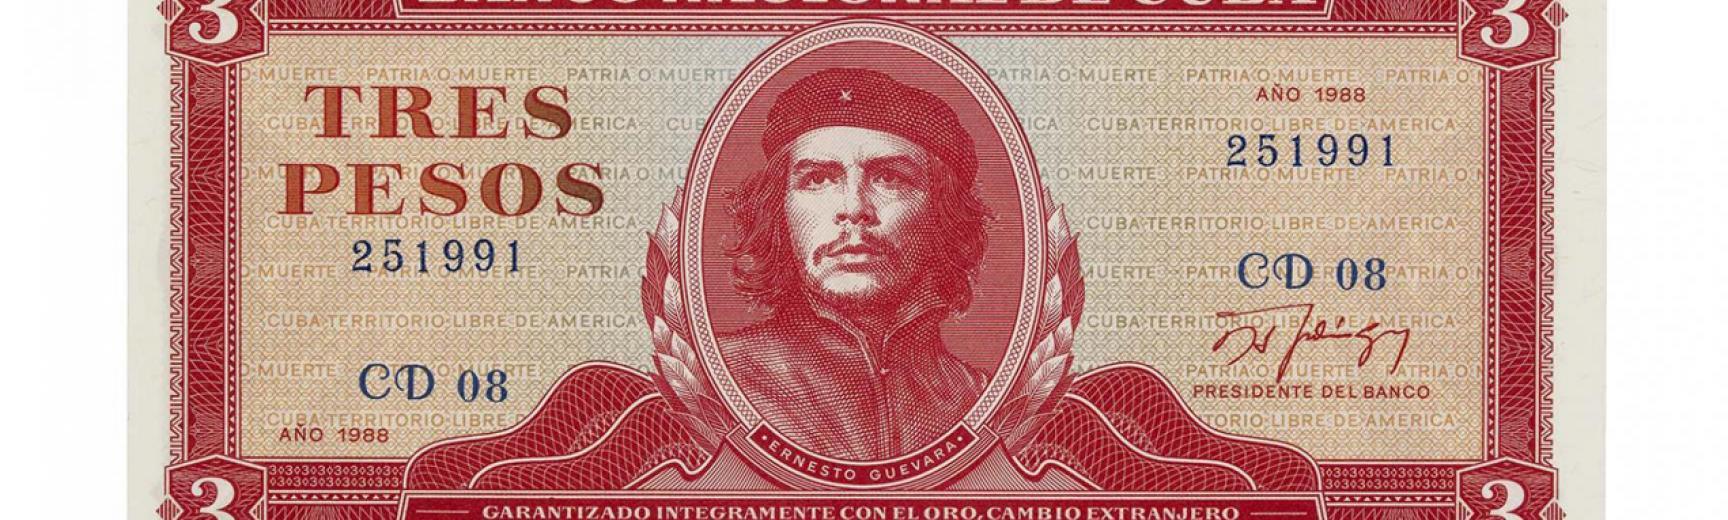 ashmolean money